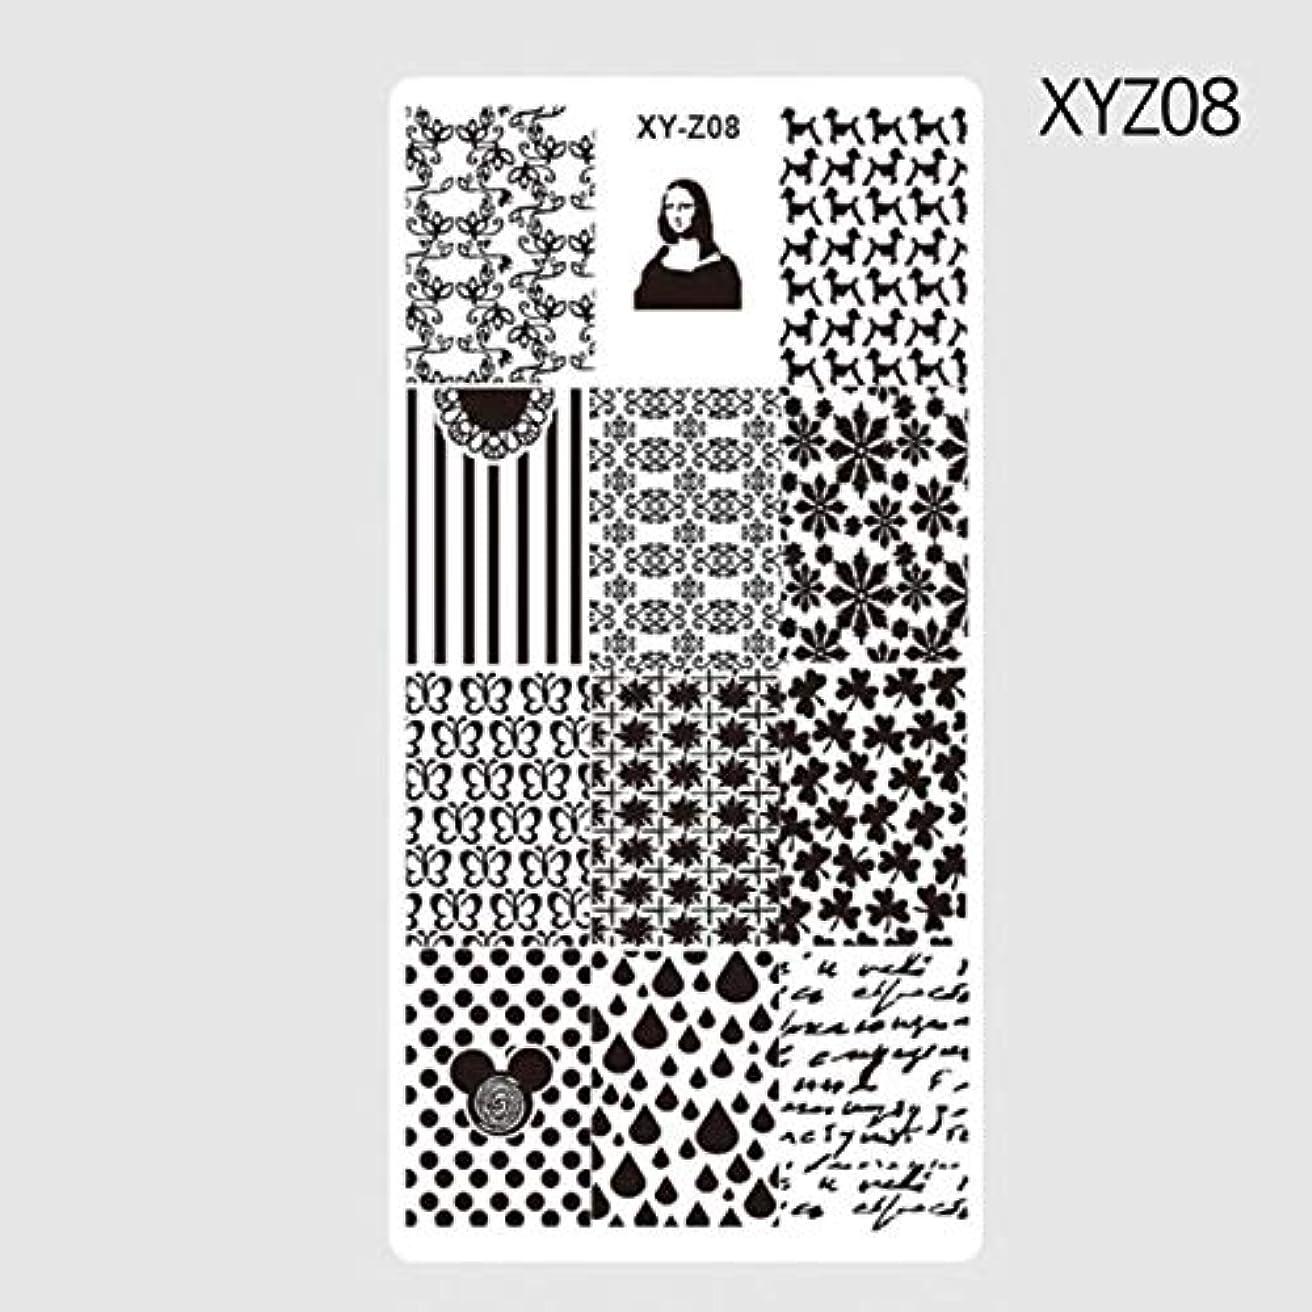 ピケ主張勇敢なビューティー&パーソナルケア 3ピースネイルスタンピングテンプレート風車花柄DIYネイルデザイン(XYZ01) ステッカー&デカール (色 : XYZ08)